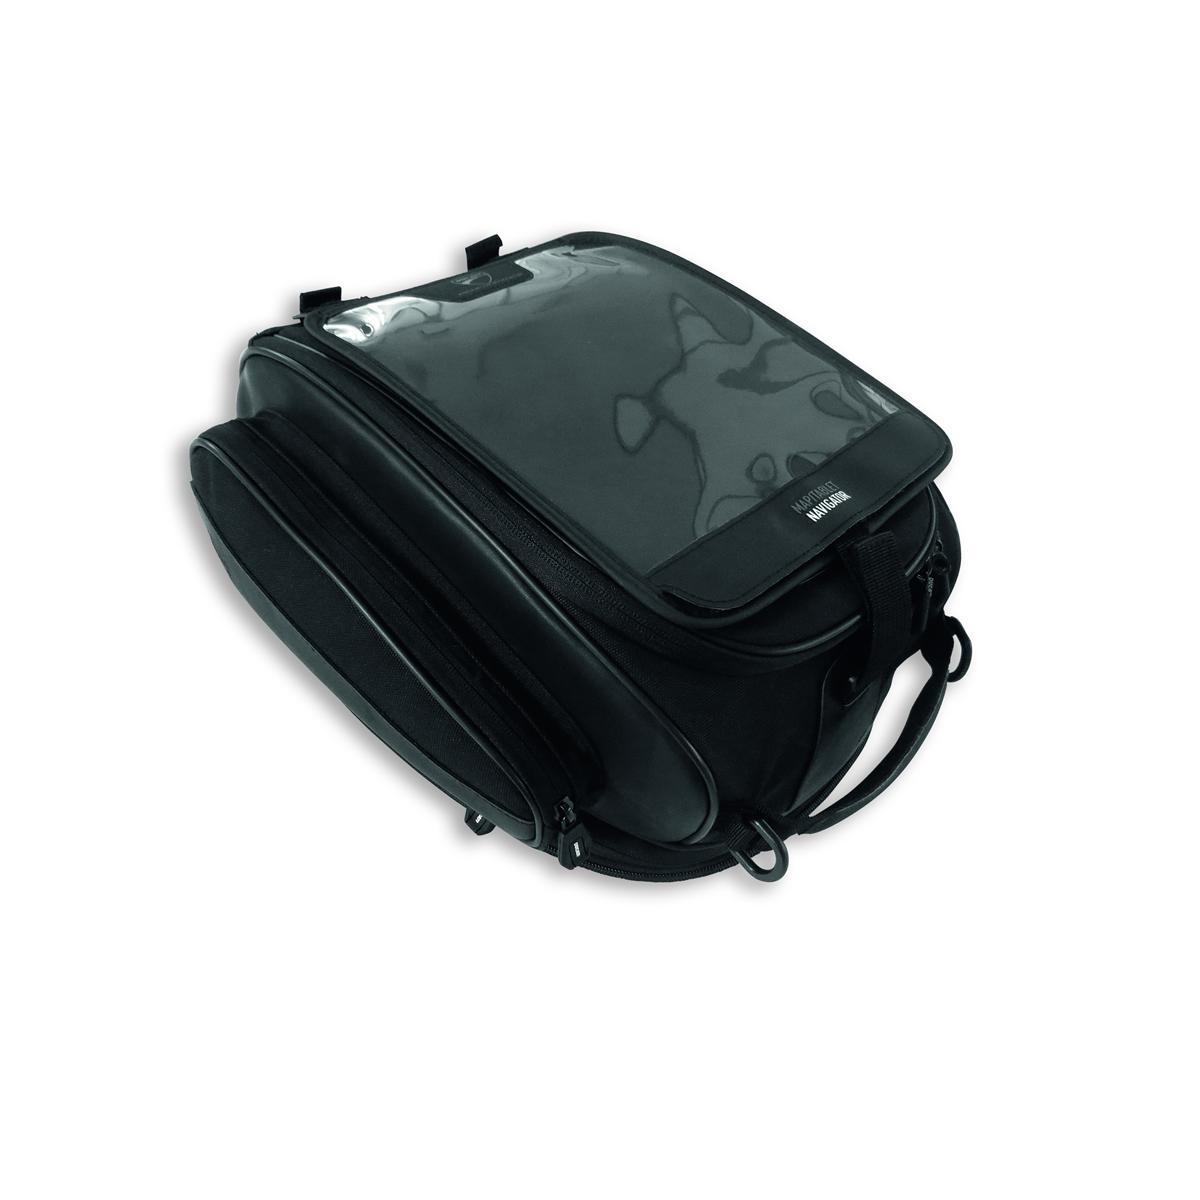 Magnetic tank bag.